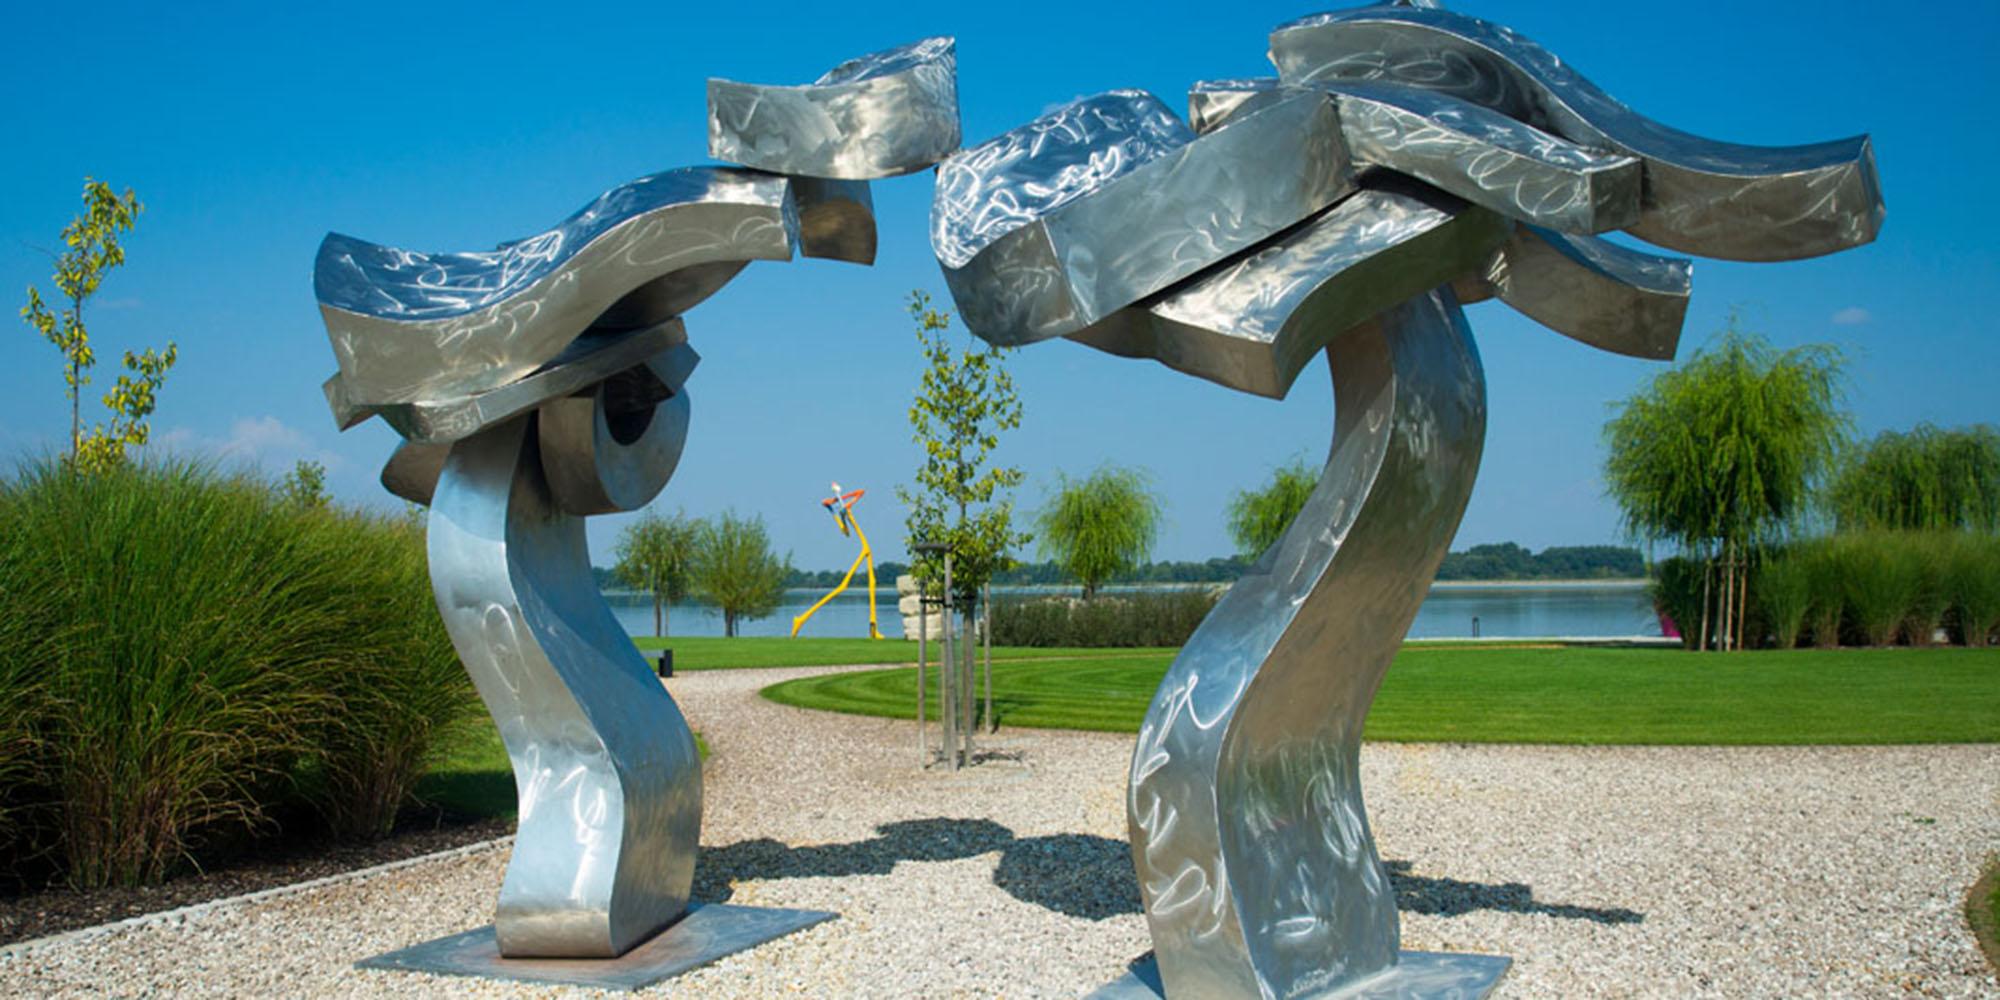 © Hans Van de Bovenkamp:  Danube portal, 2006; Danubia Meulensteen Art Museum